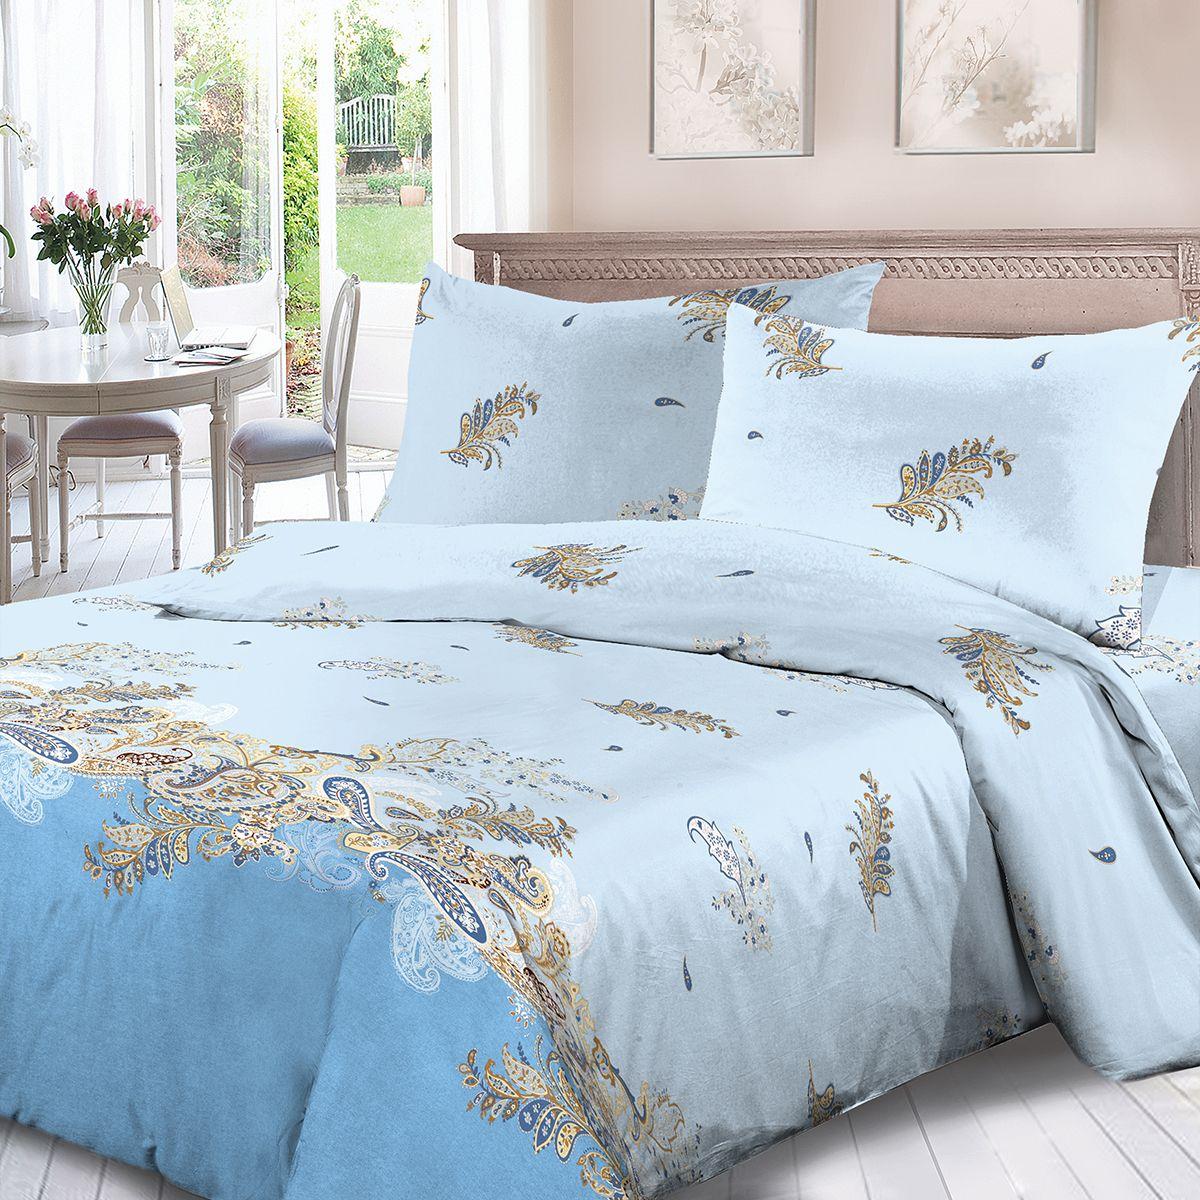 Комплект белья Для Снов Македония, 1,5 спальное, наволочки 70x70, цвет: голубой. 4129-190147